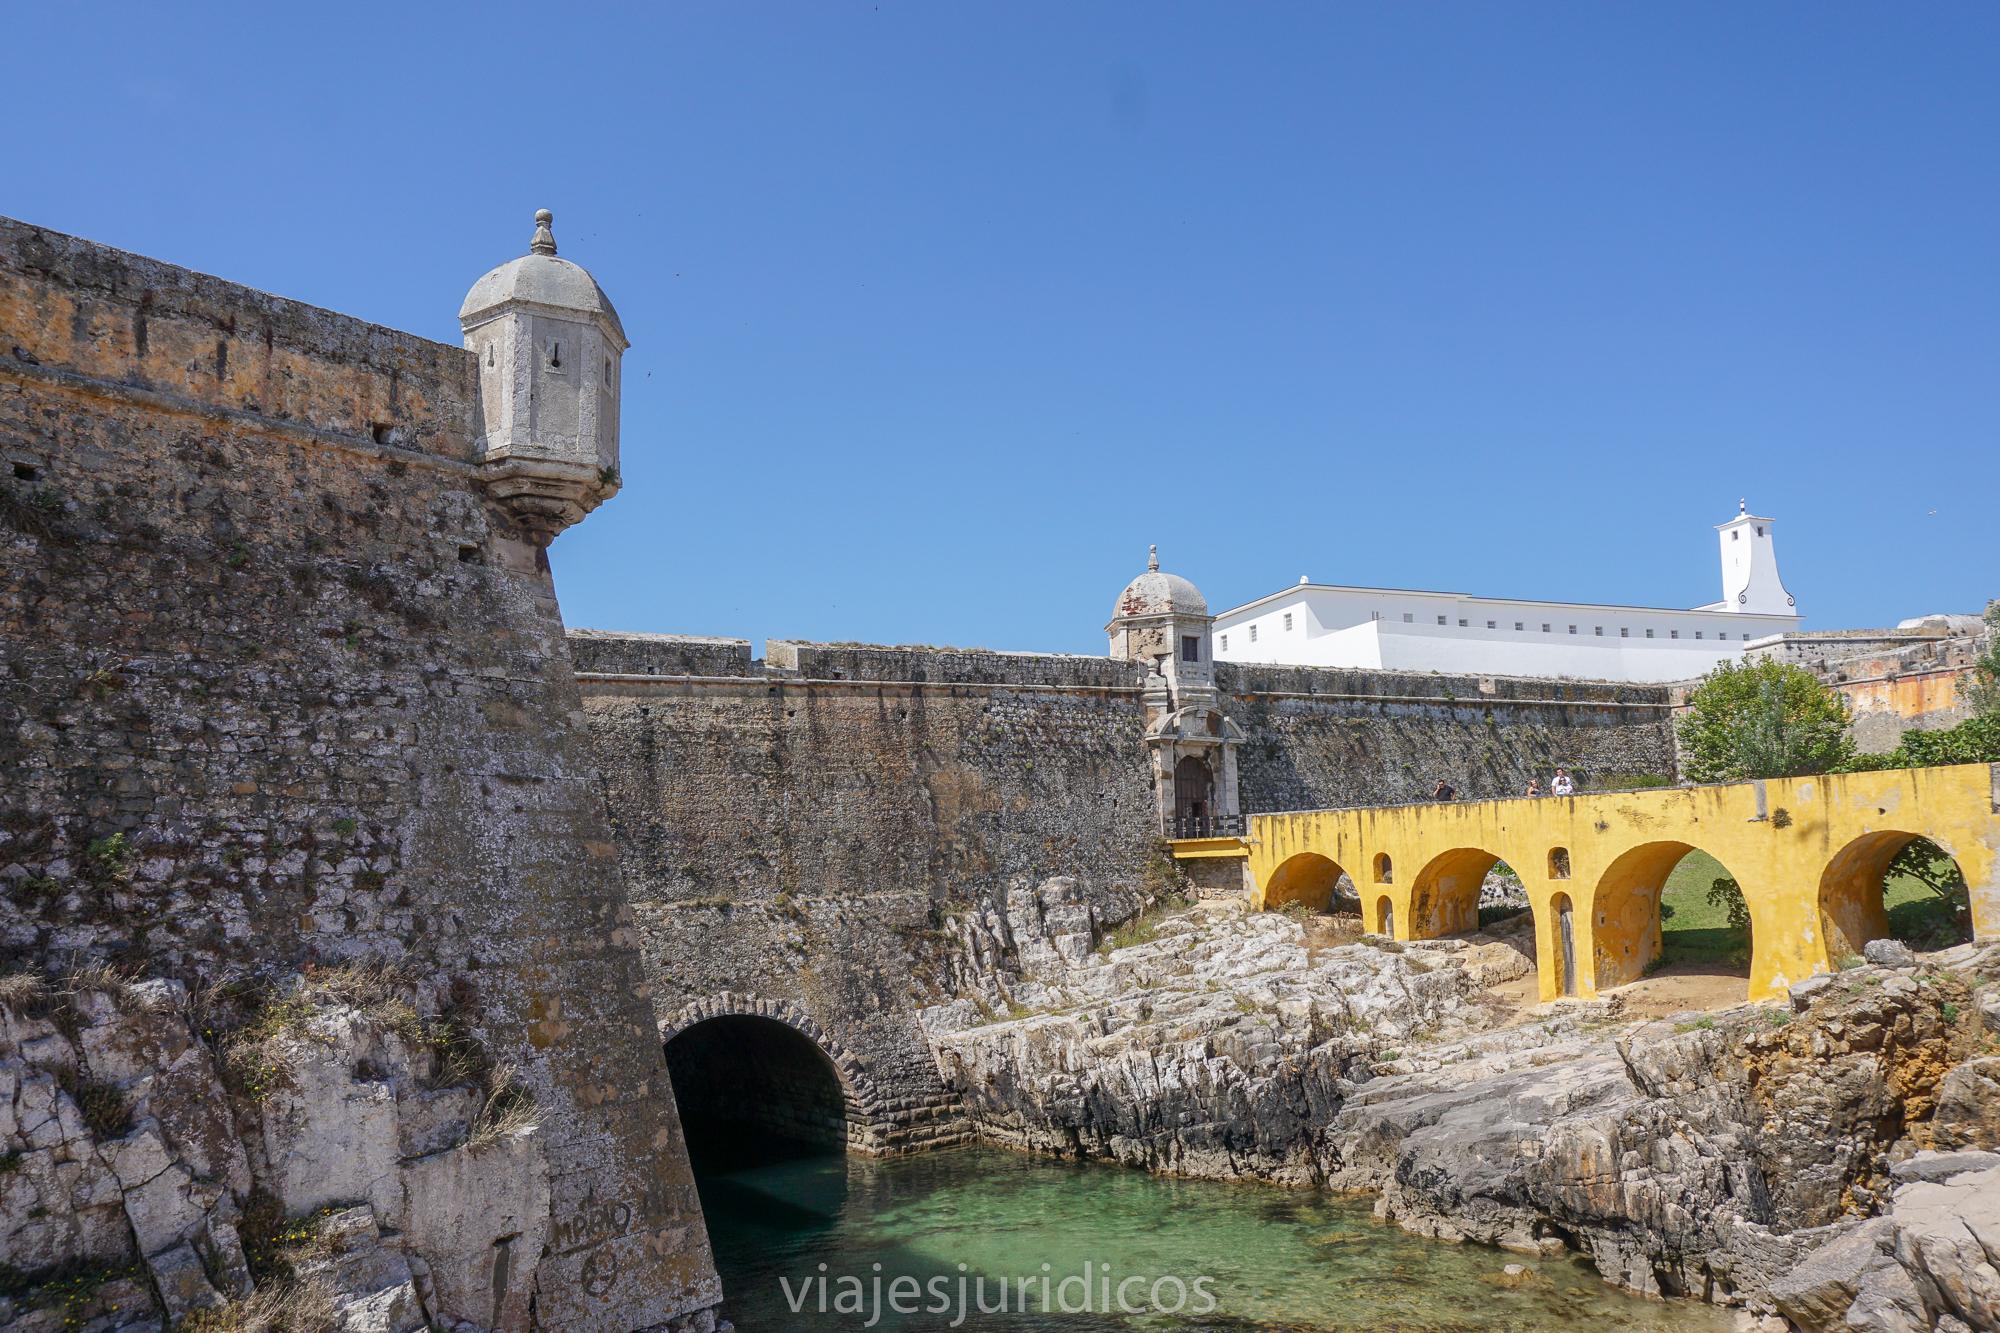 Peniche fortaleza museo de la resistencia y libertad. antigua prisión